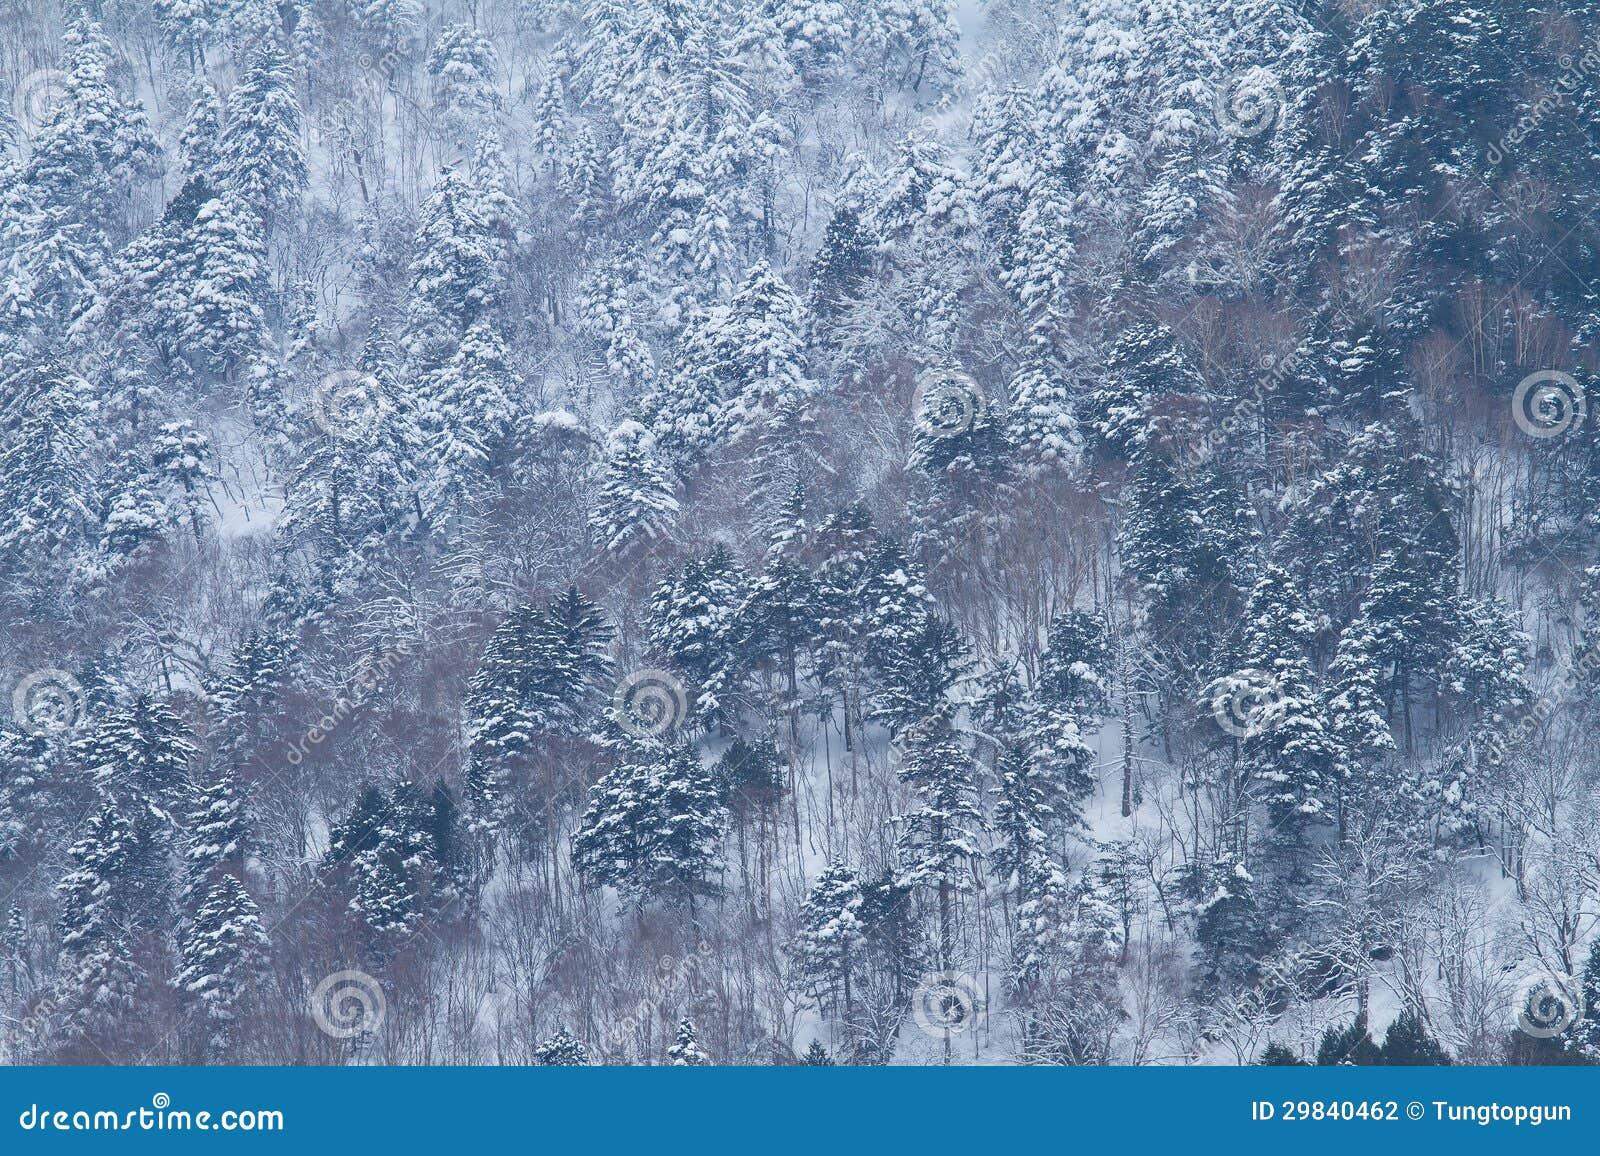 Árvore com neve